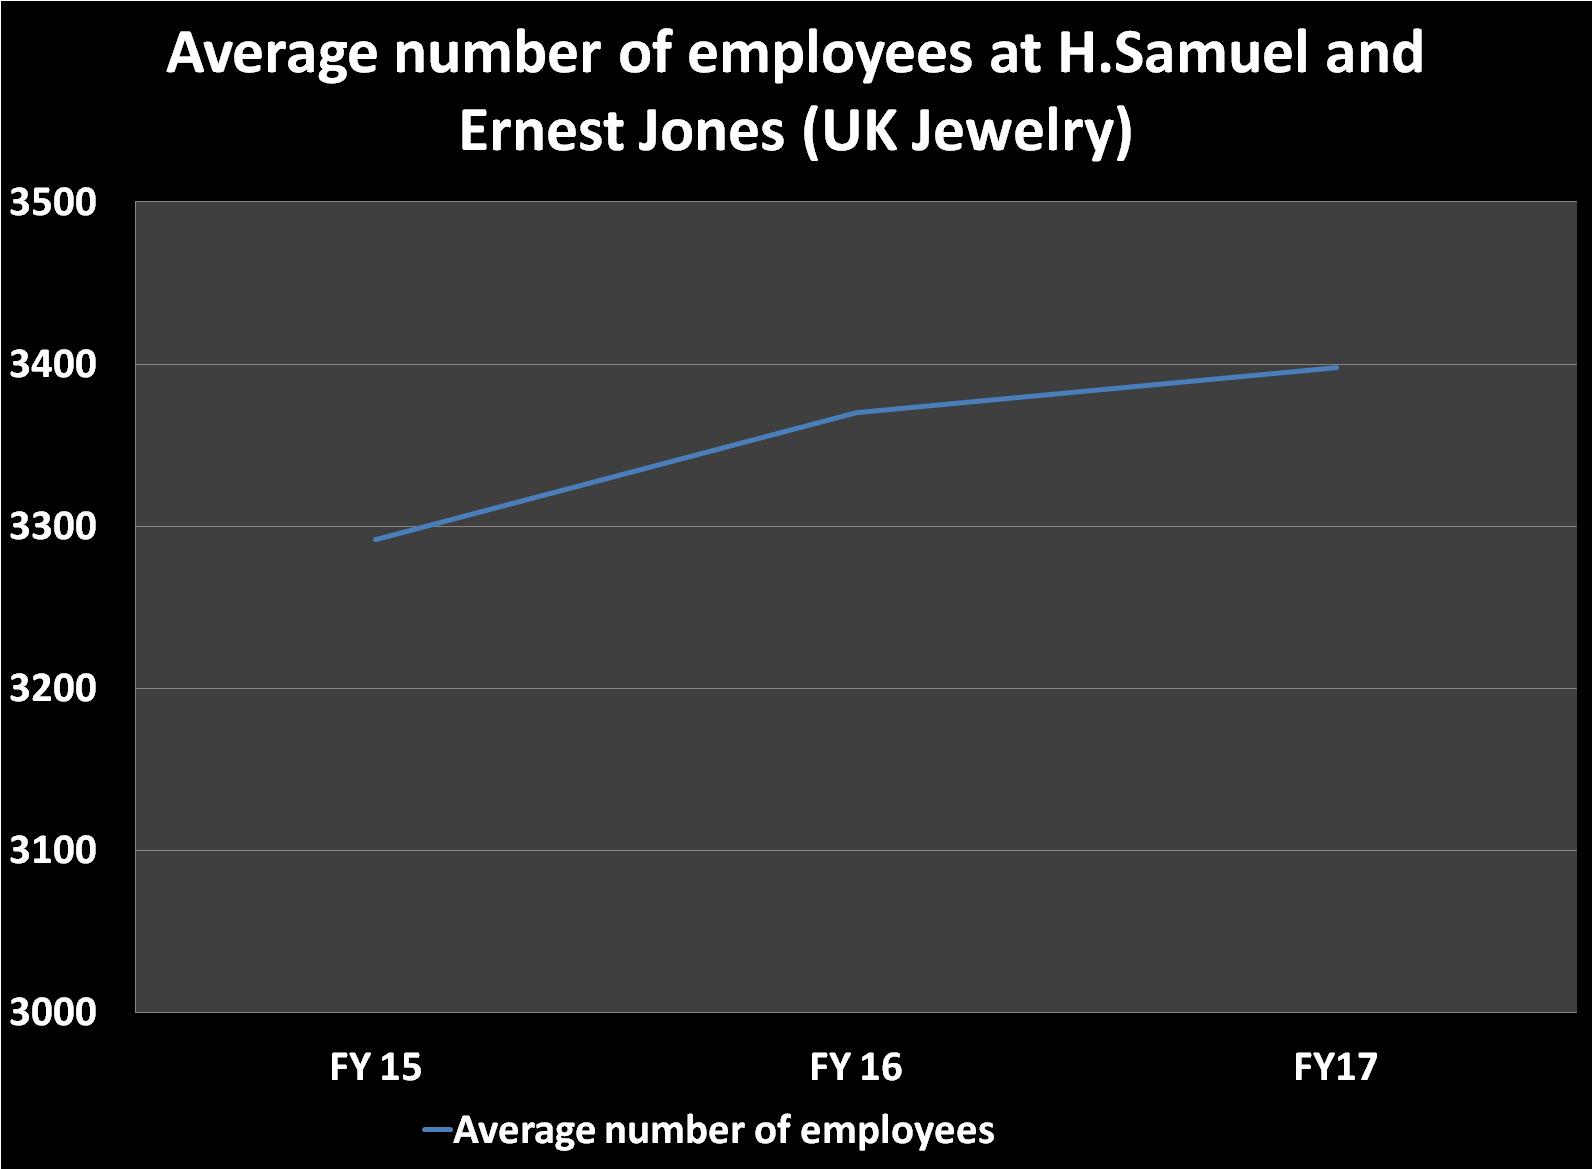 Average employees 2015-17